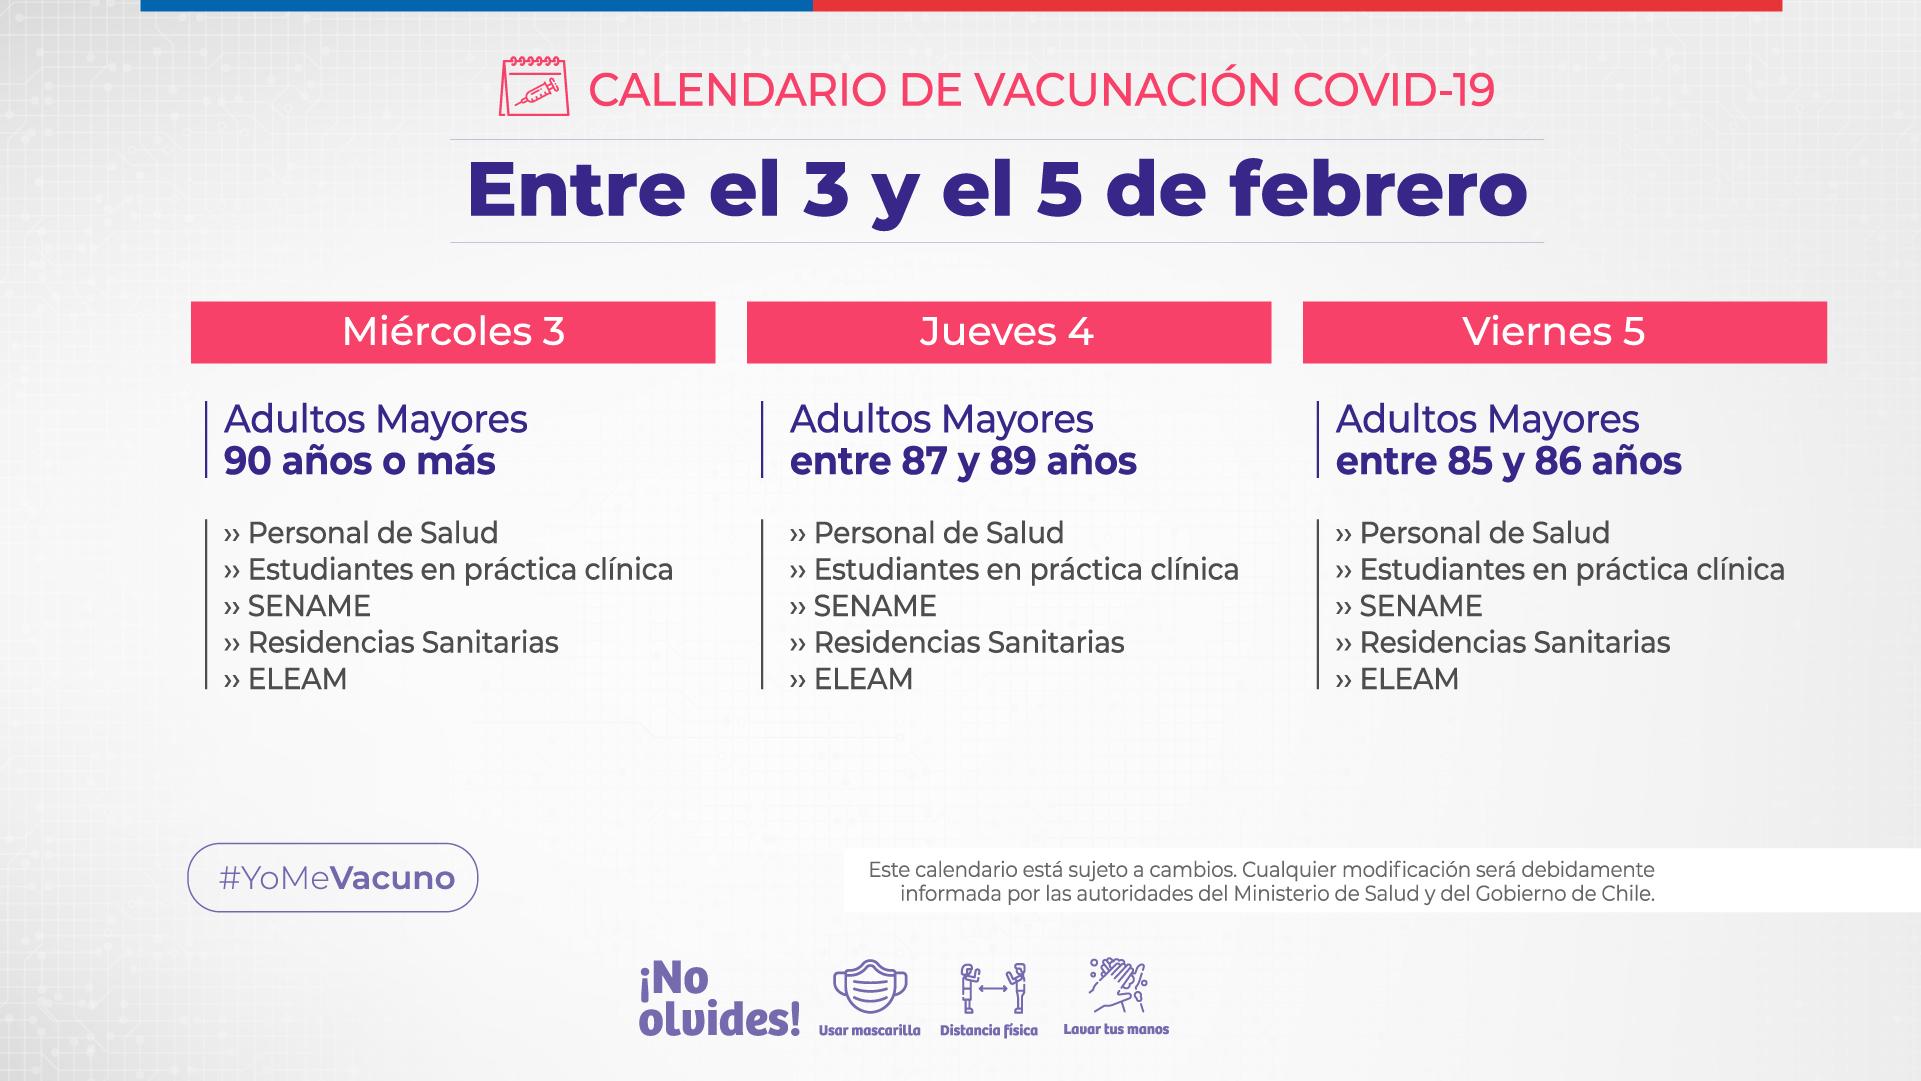 calendario de vacunacion semana 1